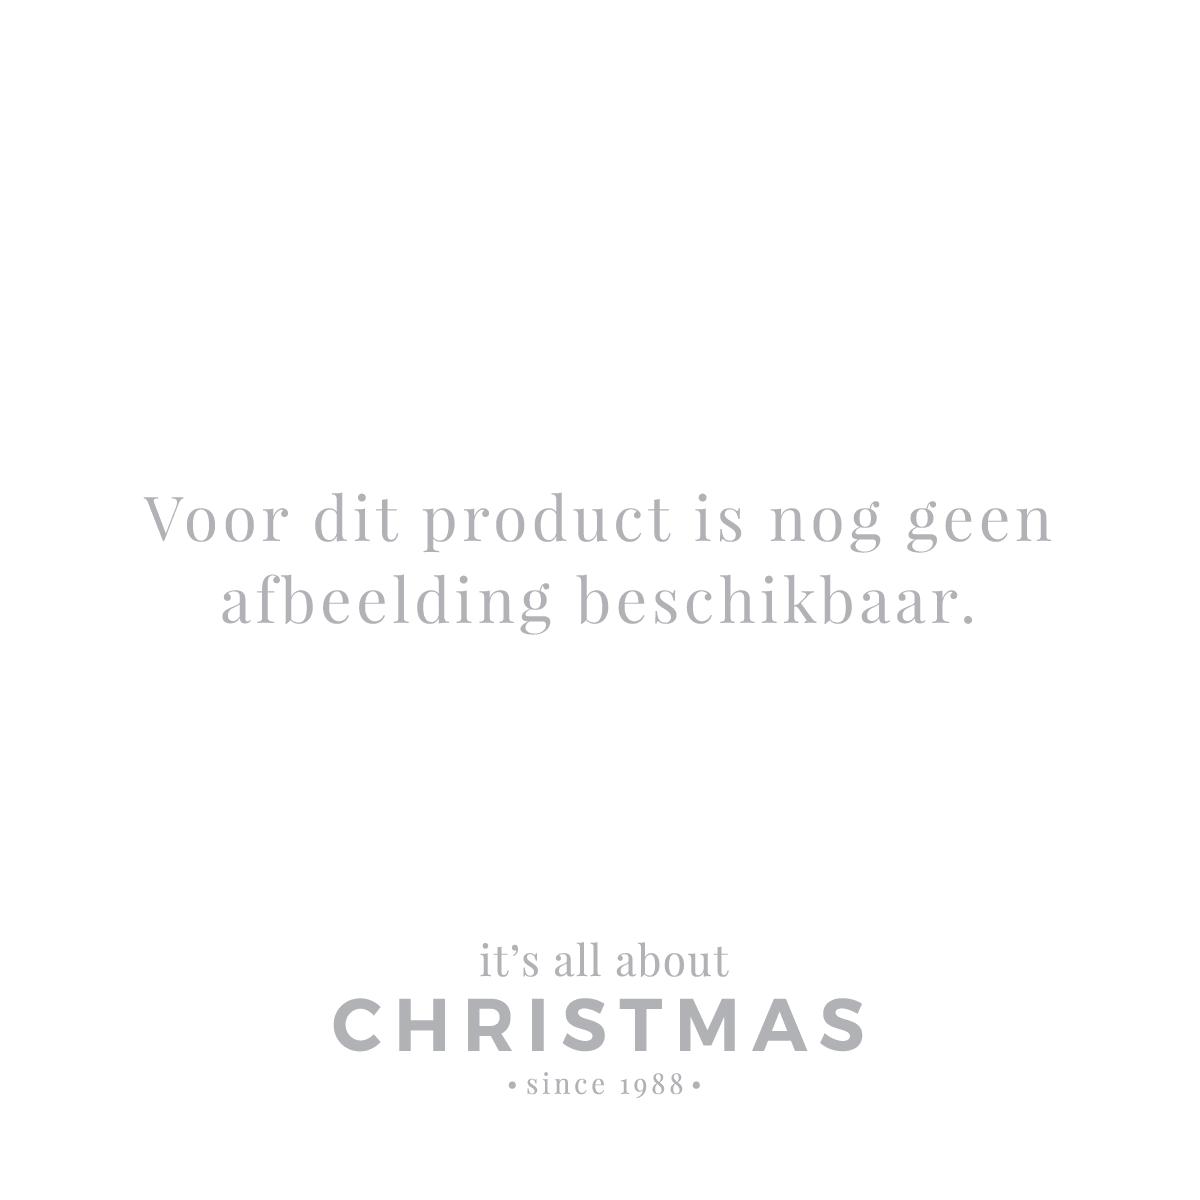 Tree decoration - Reindeer/Flower - 17cm - White/Cream